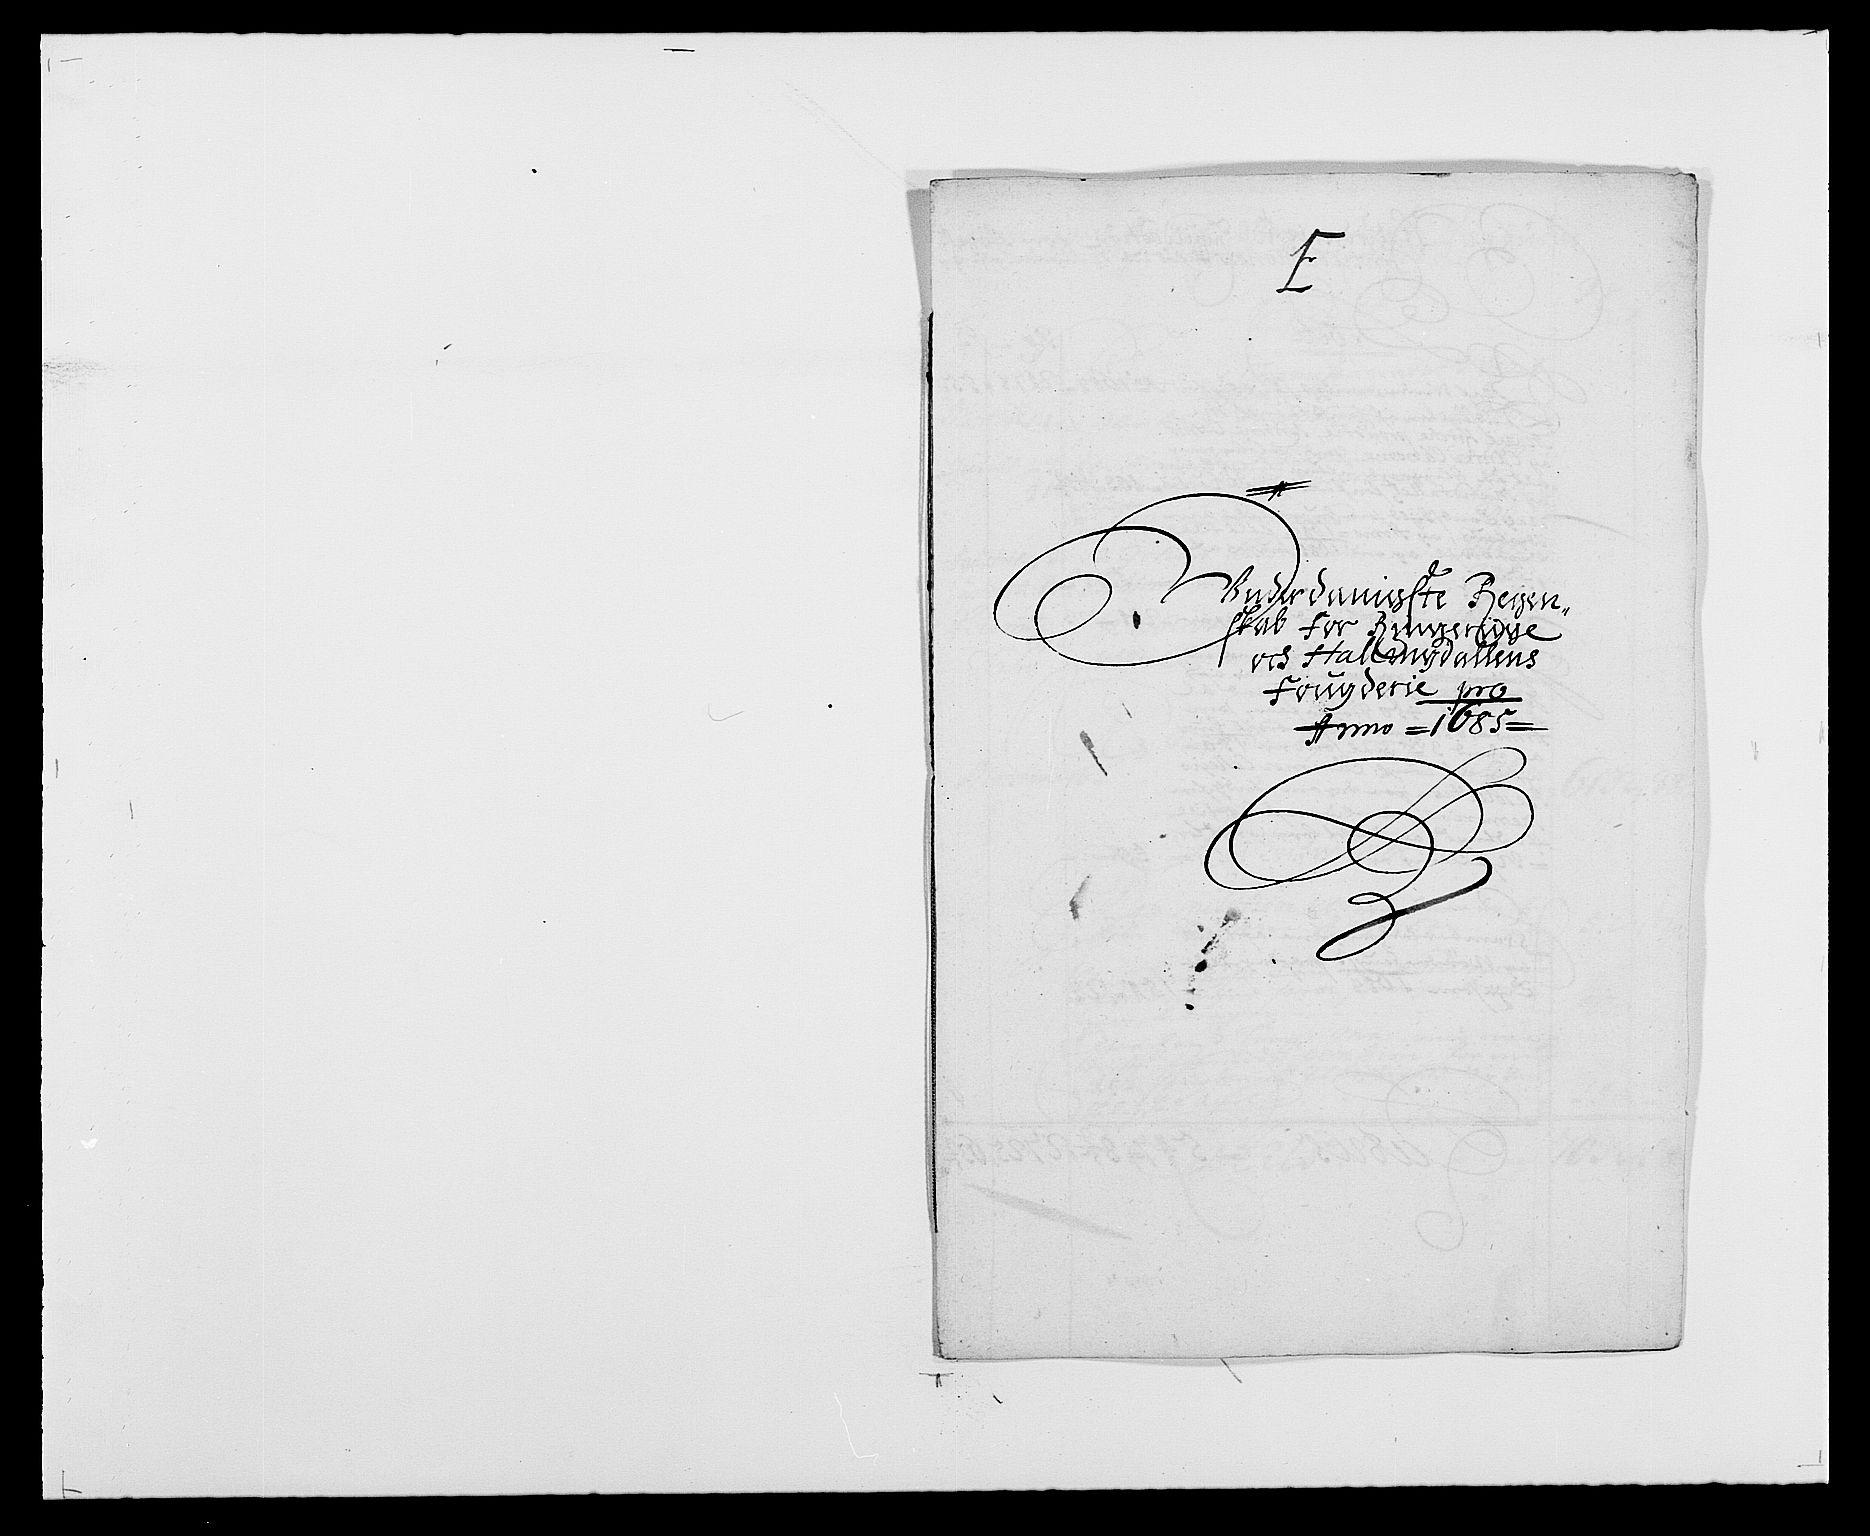 RA, Rentekammeret inntil 1814, Reviderte regnskaper, Fogderegnskap, R21/L1446: Fogderegnskap Ringerike og Hallingdal, 1683-1686, s. 285